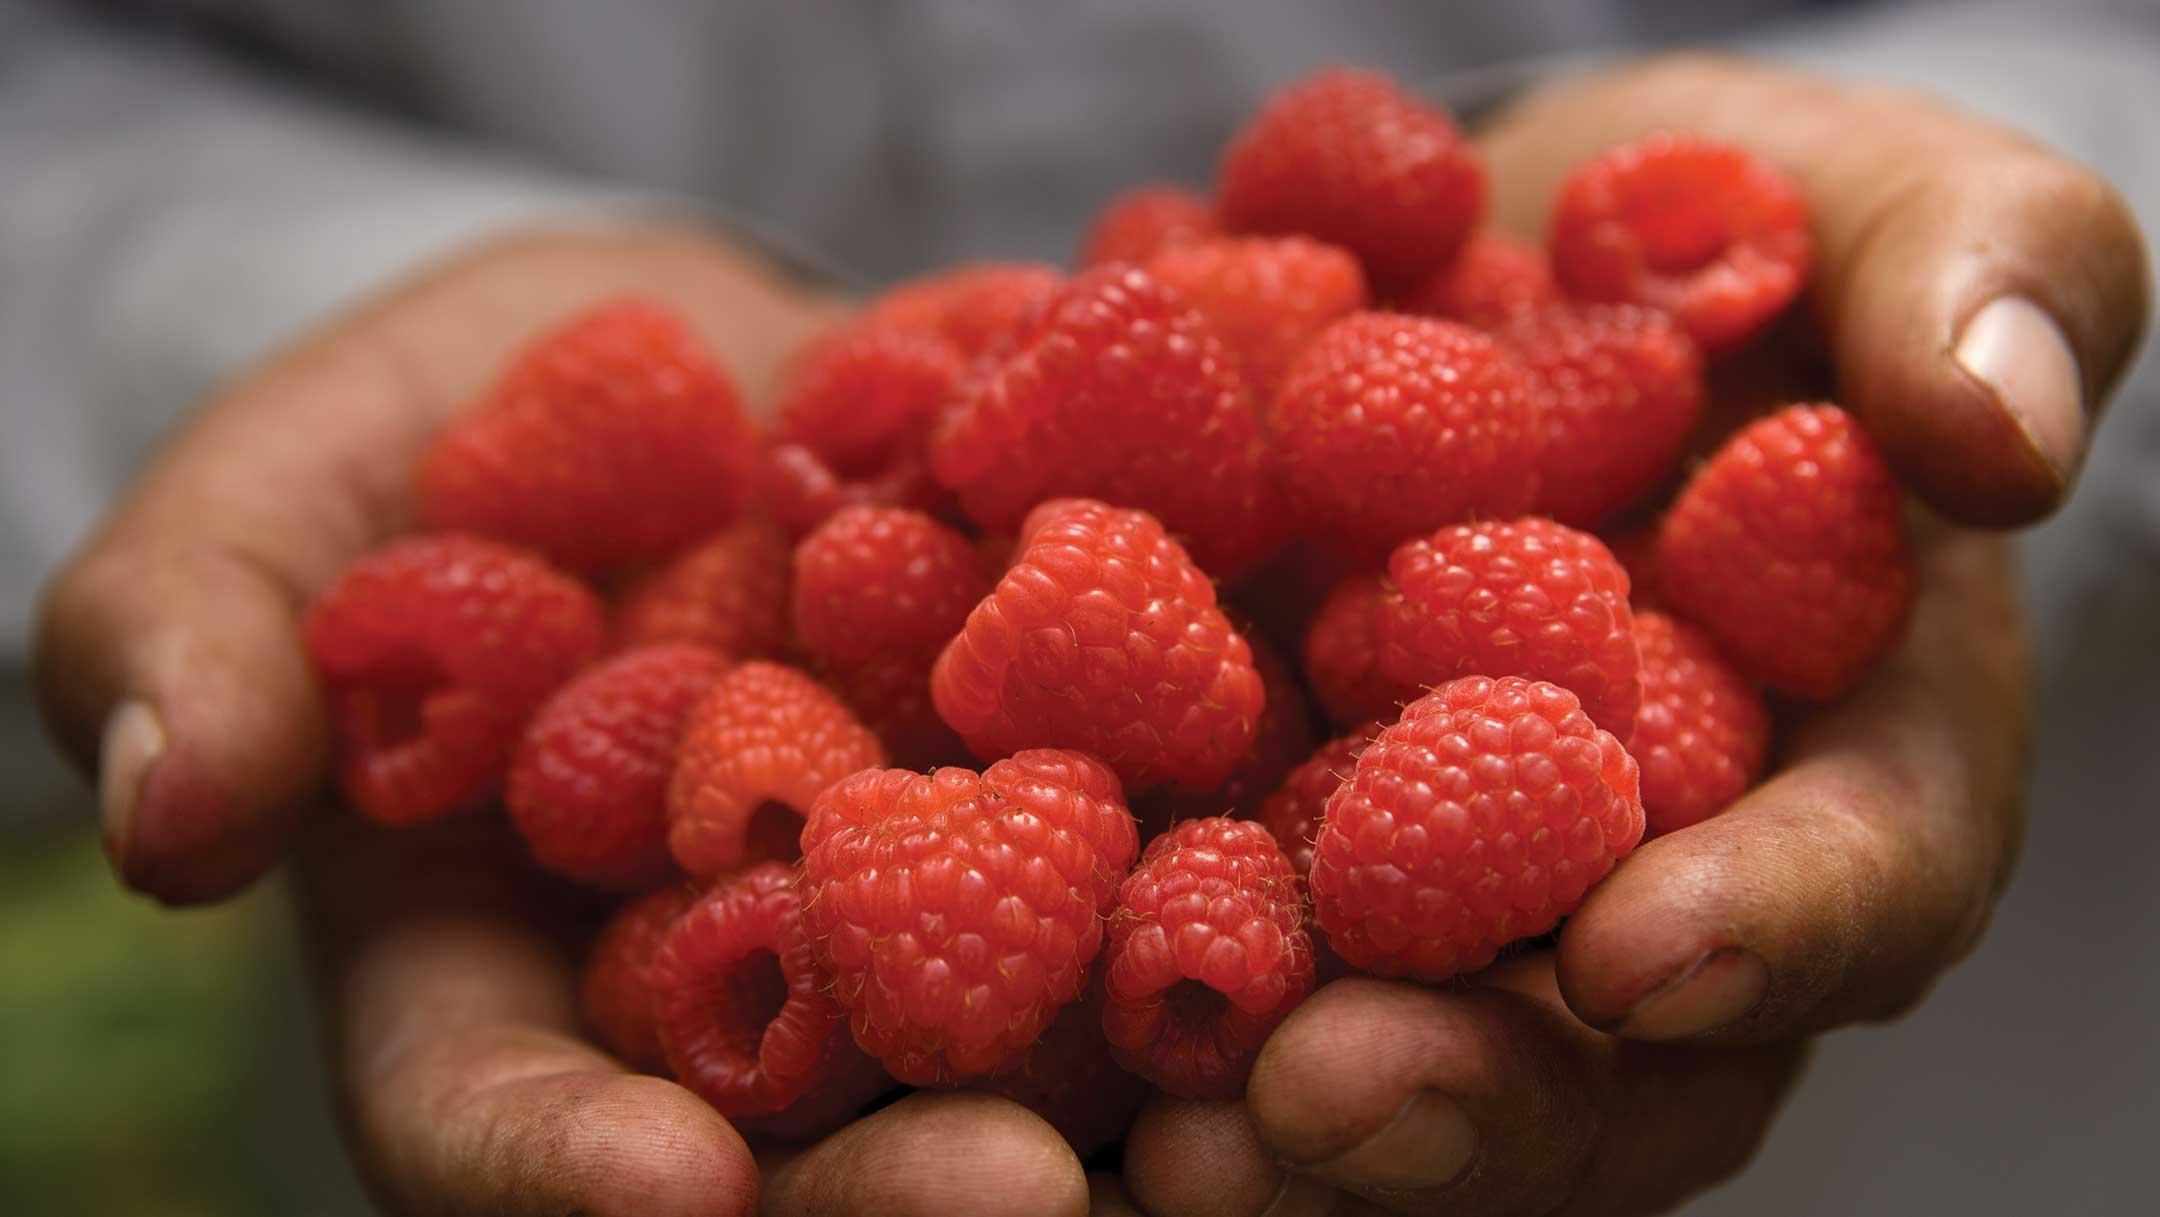 Raspberry_Hands.jpg